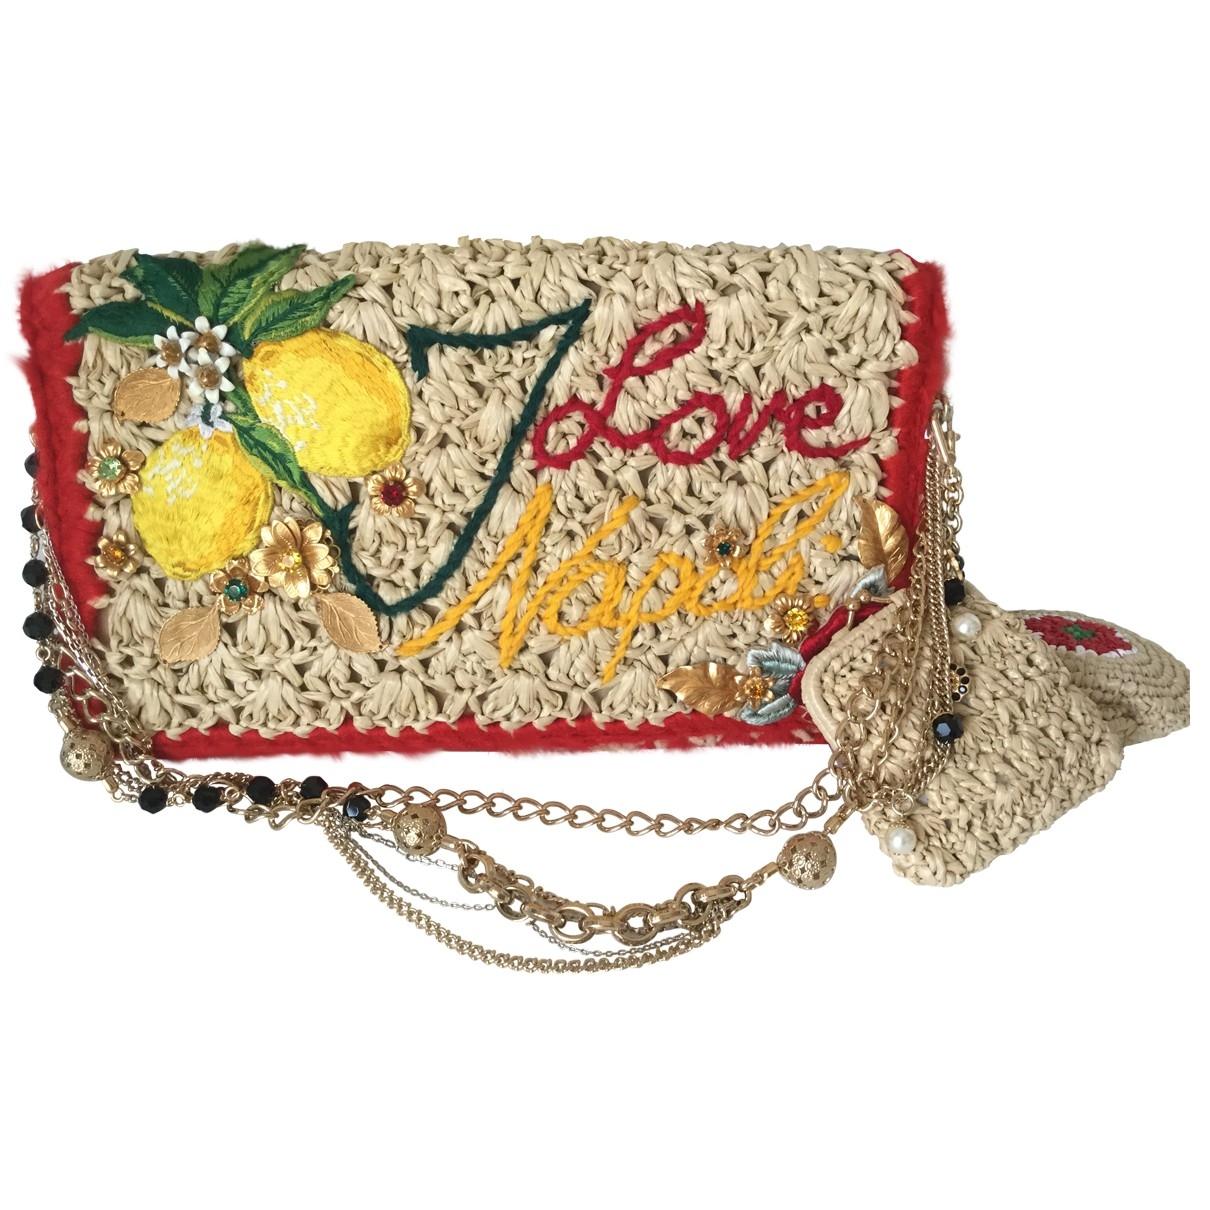 Dolce & Gabbana \N Ecru Wicker handbag for Women \N